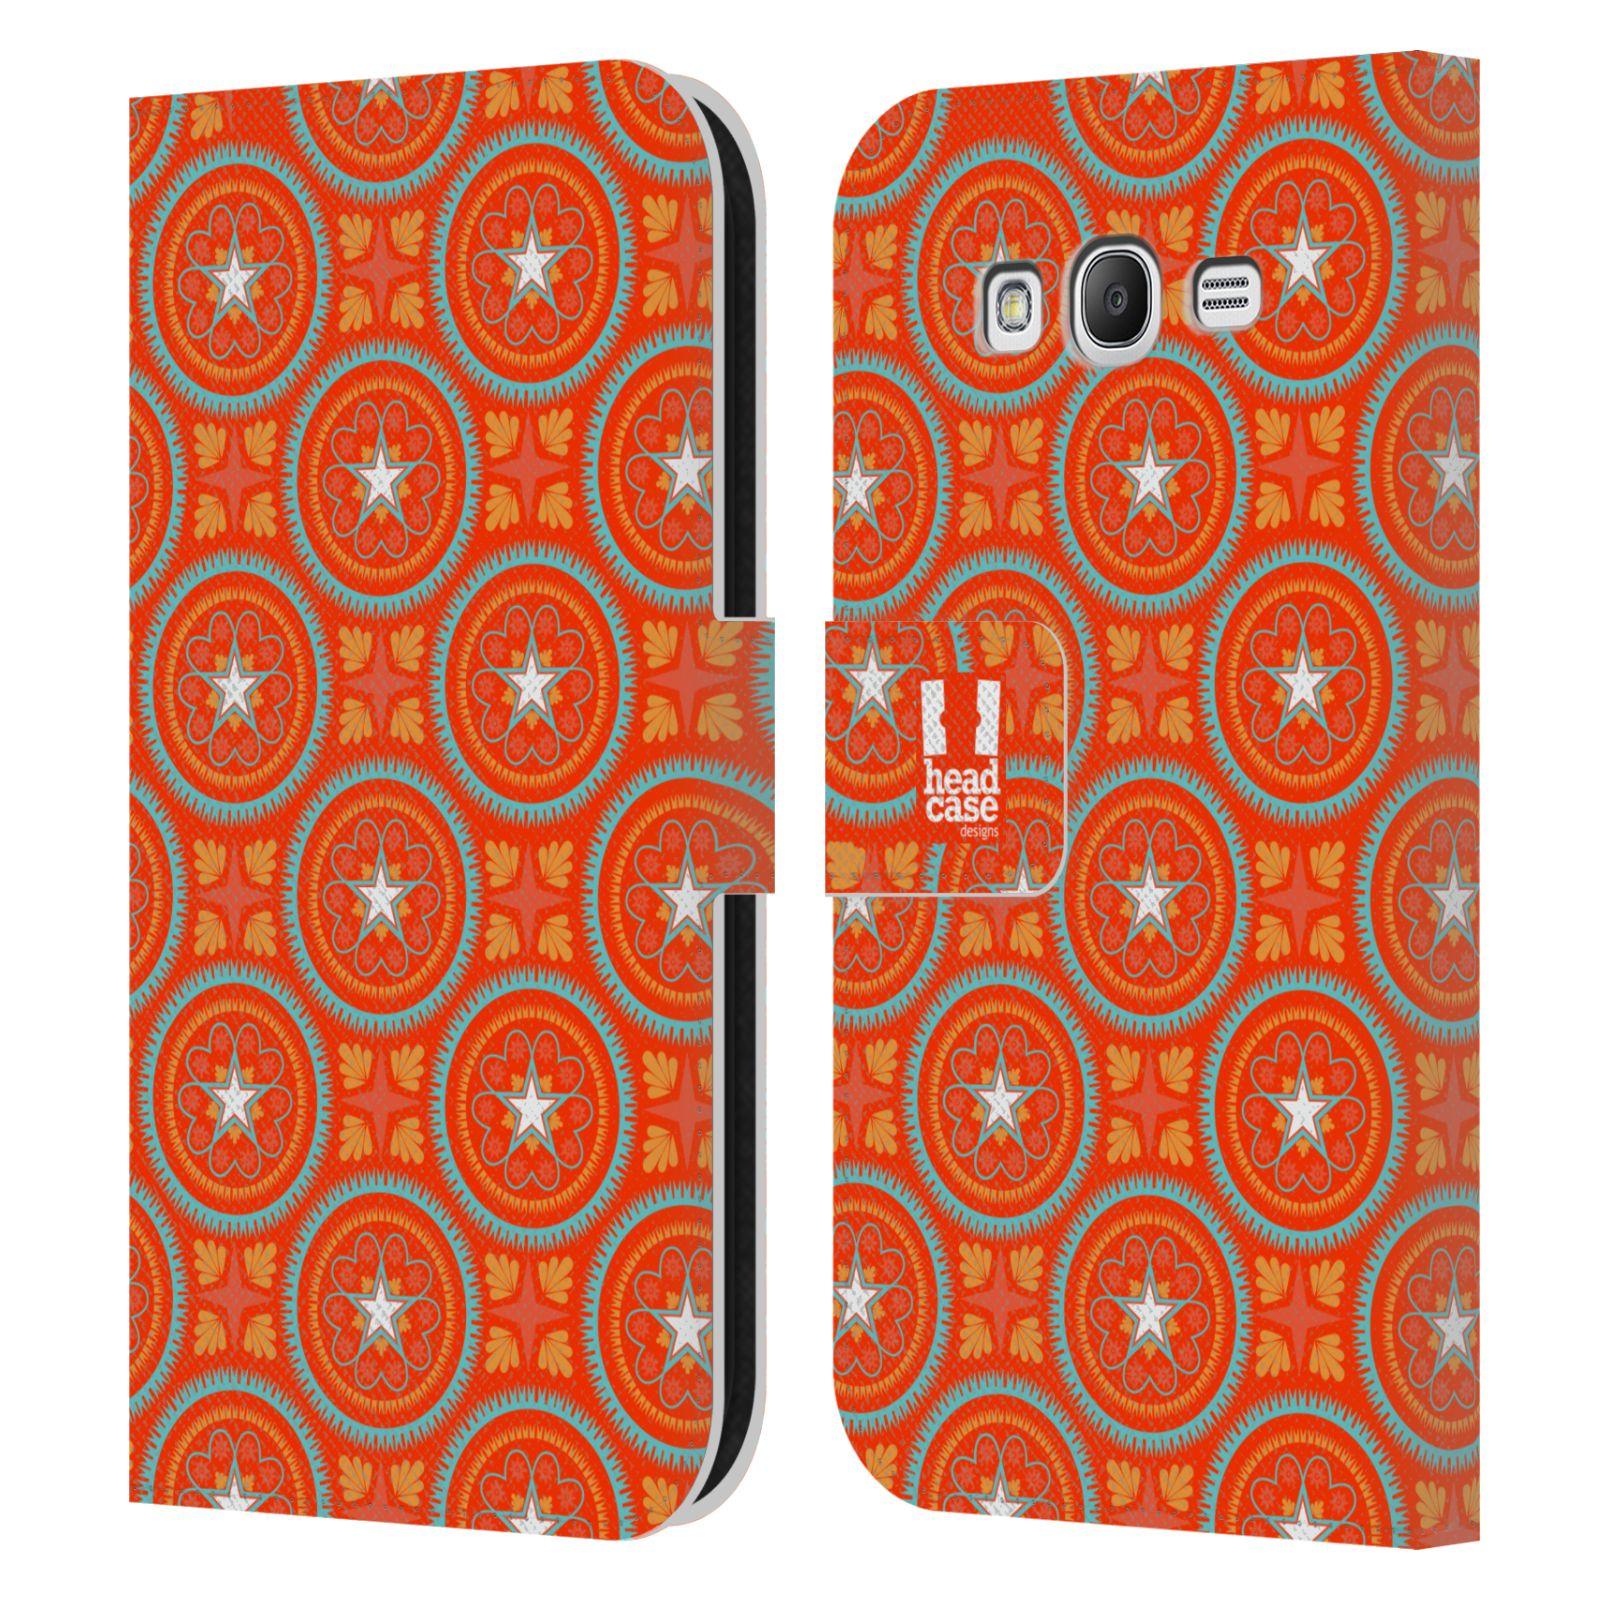 HEAD CASE Flipové pouzdro pro mobil Samsung Galaxy Grand i9080 Slovanský vzor oranžová hvězda